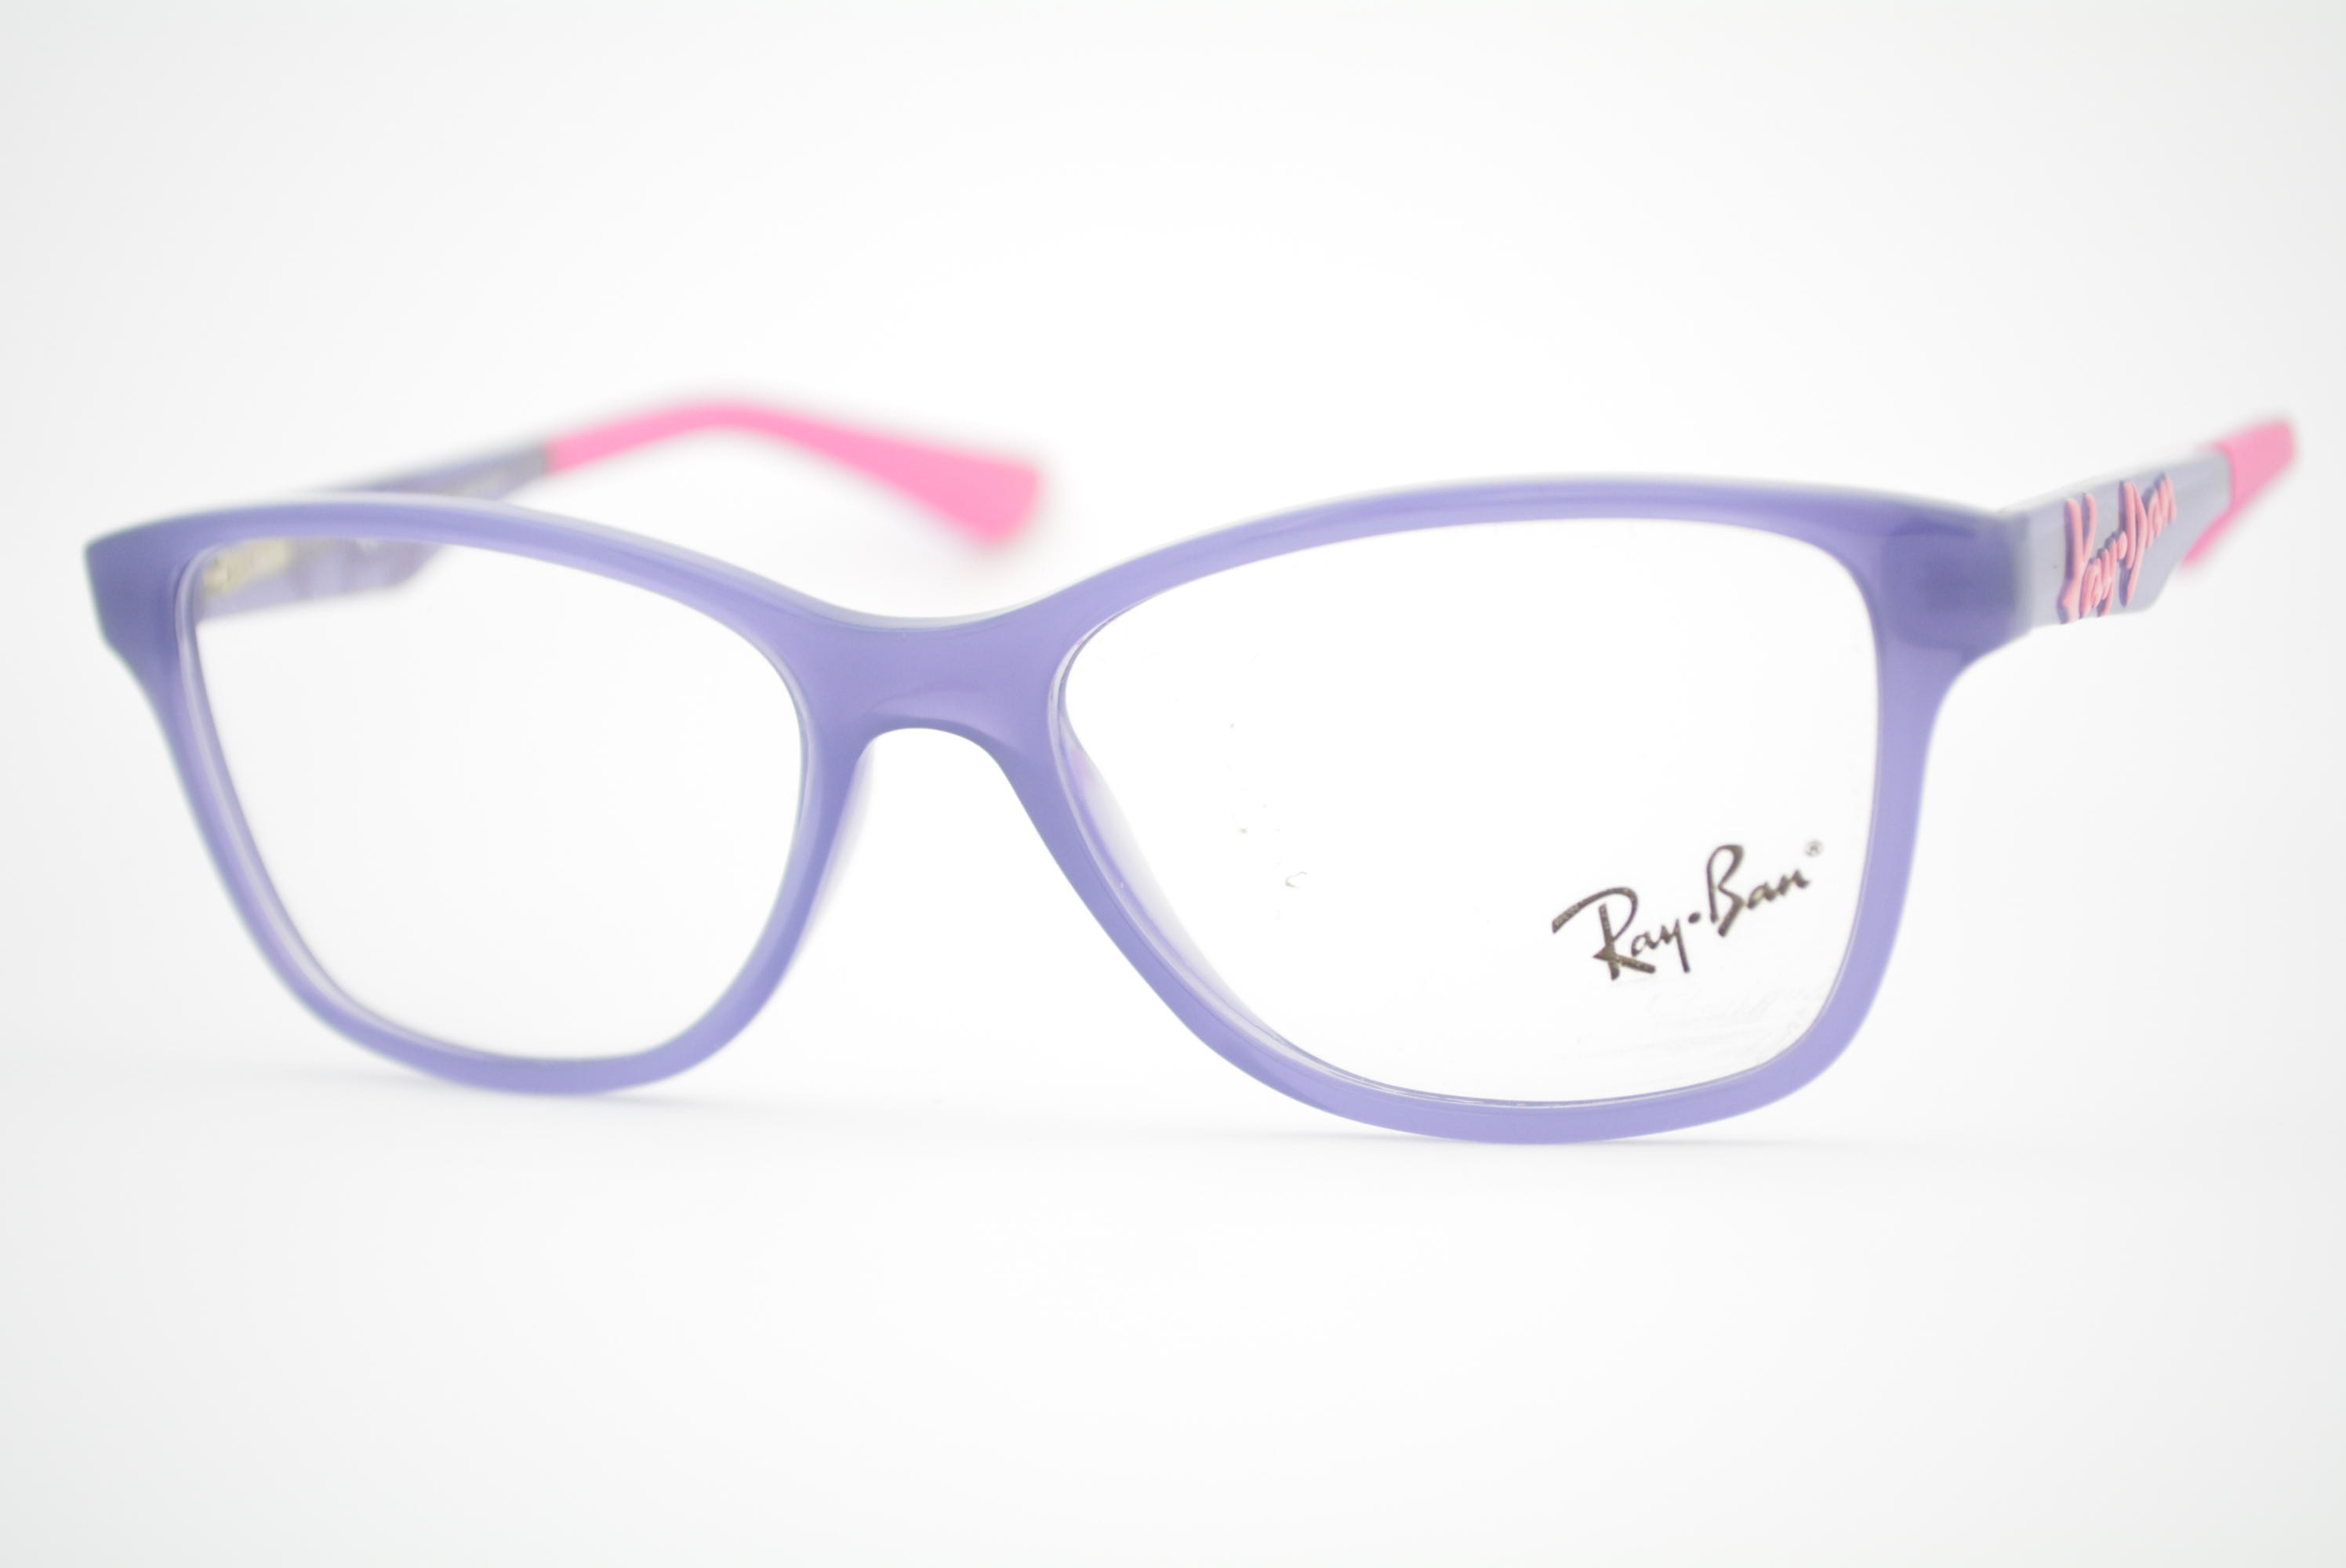 e34c82998 armação de óculos Ray Ban Infantil mod rb1563L 3692 Ótica Cardoso